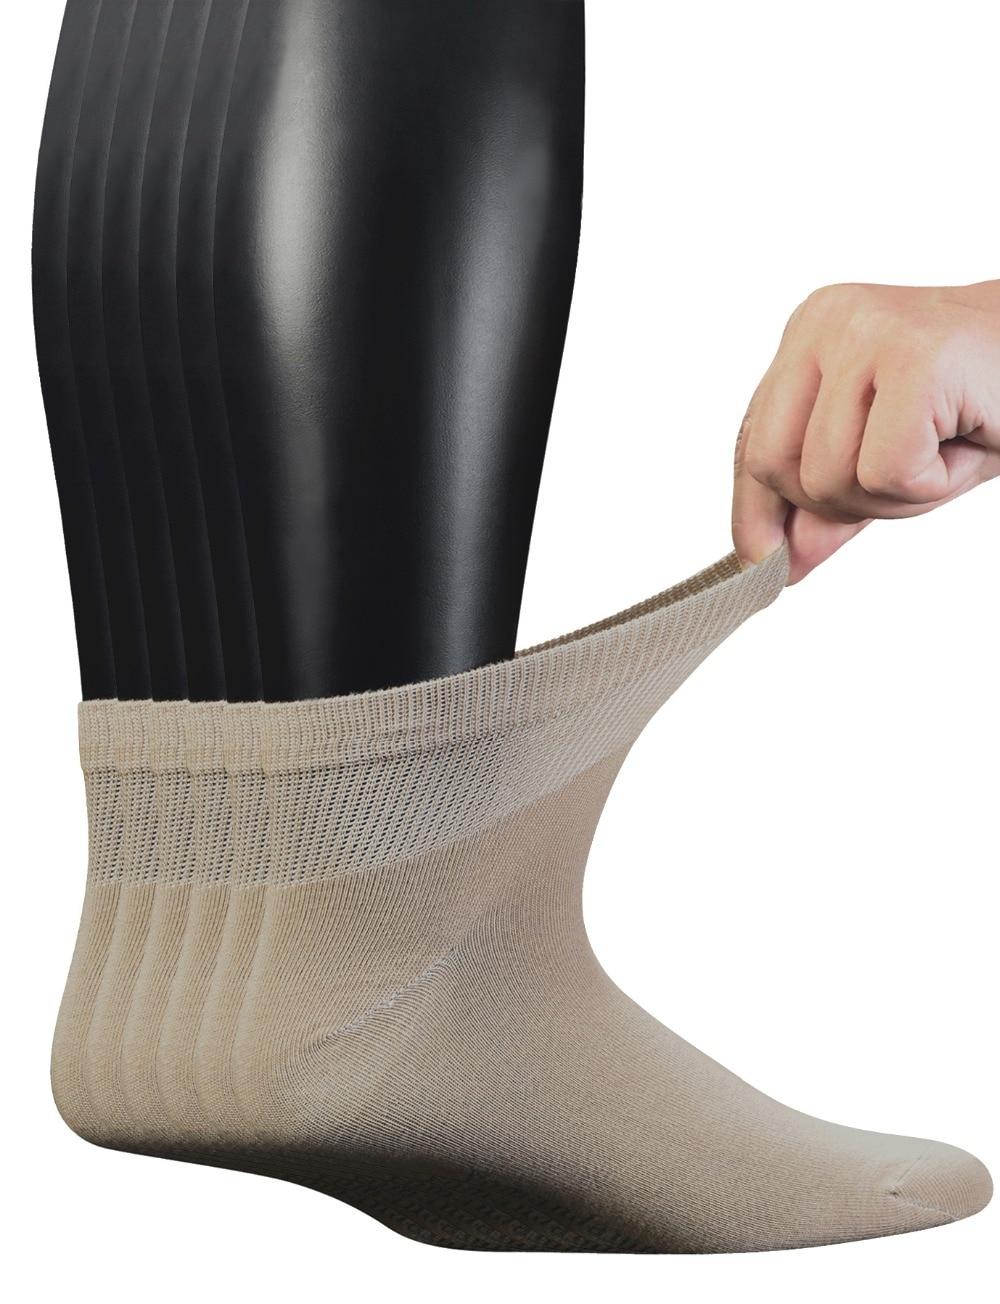 Мужские носки до щиколотки из чесаного хлопка, 6 пар, бесшовные носки без косточек, Размер 10-13